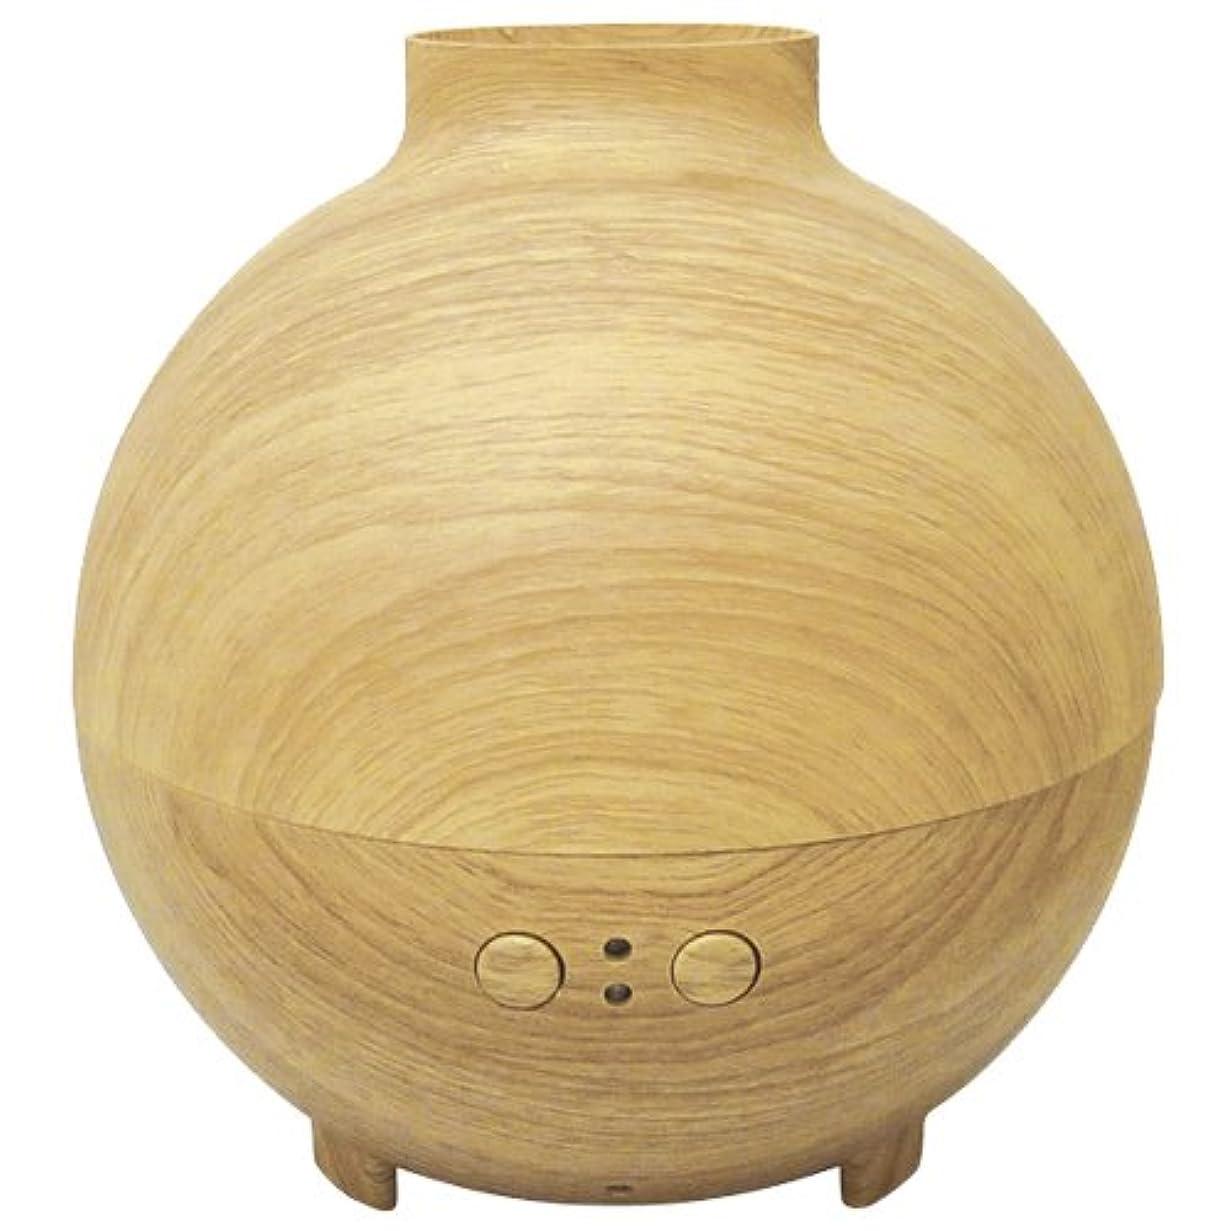 近所の時折メーカーブレイン  木目調加湿器アロマデュフューザー 「Kardia(カルディア)」